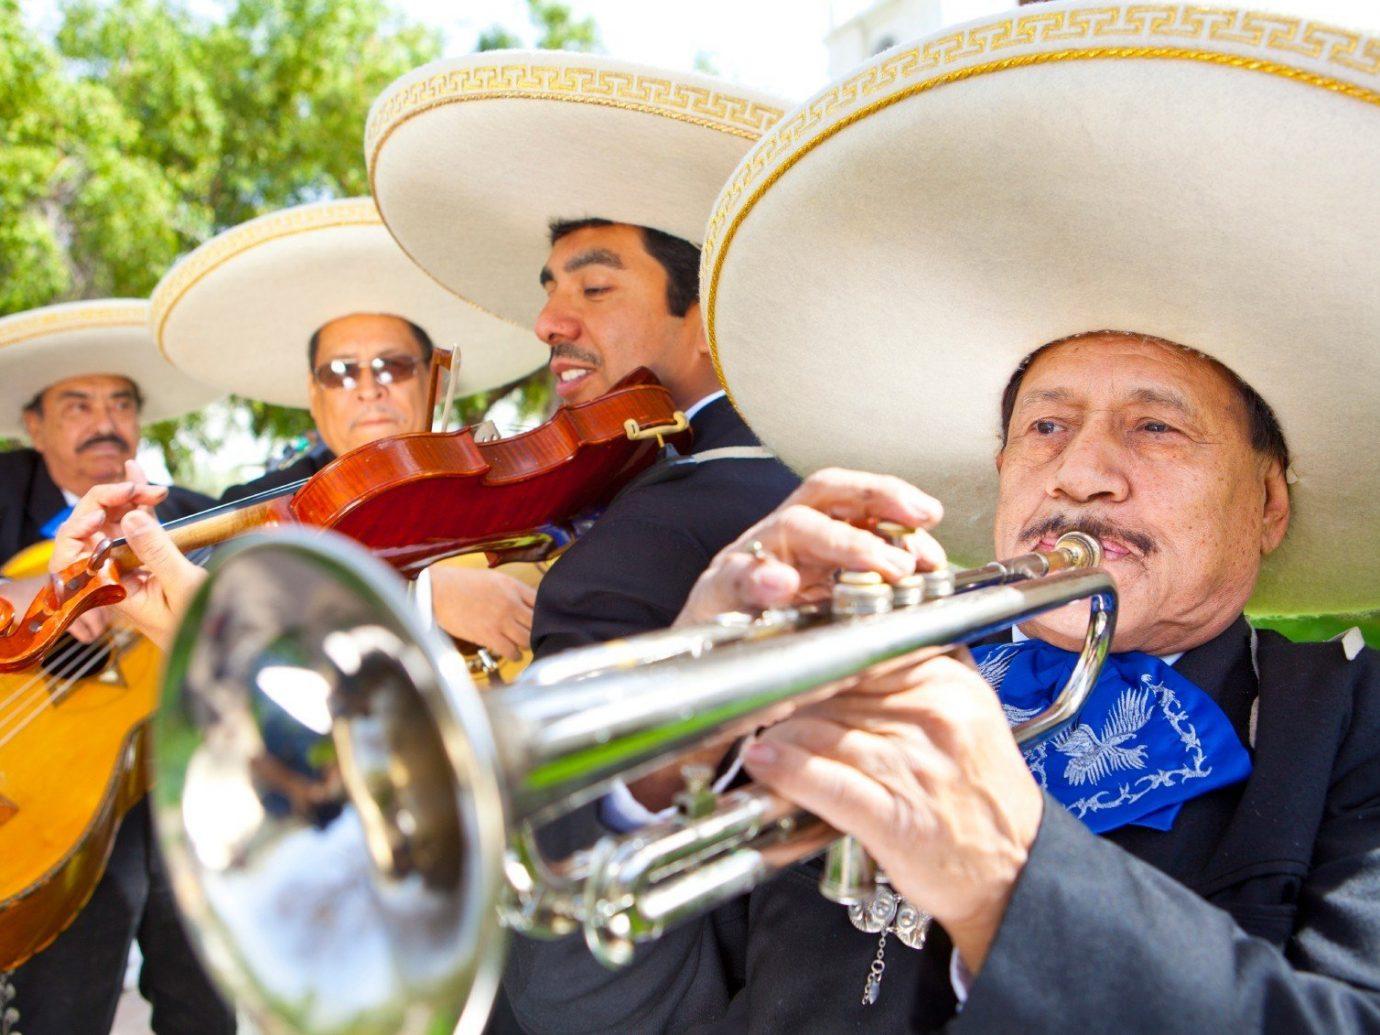 Trip Ideas Music brass person musician outdoor brass instrument musical instrument sousaphone tuba concert band